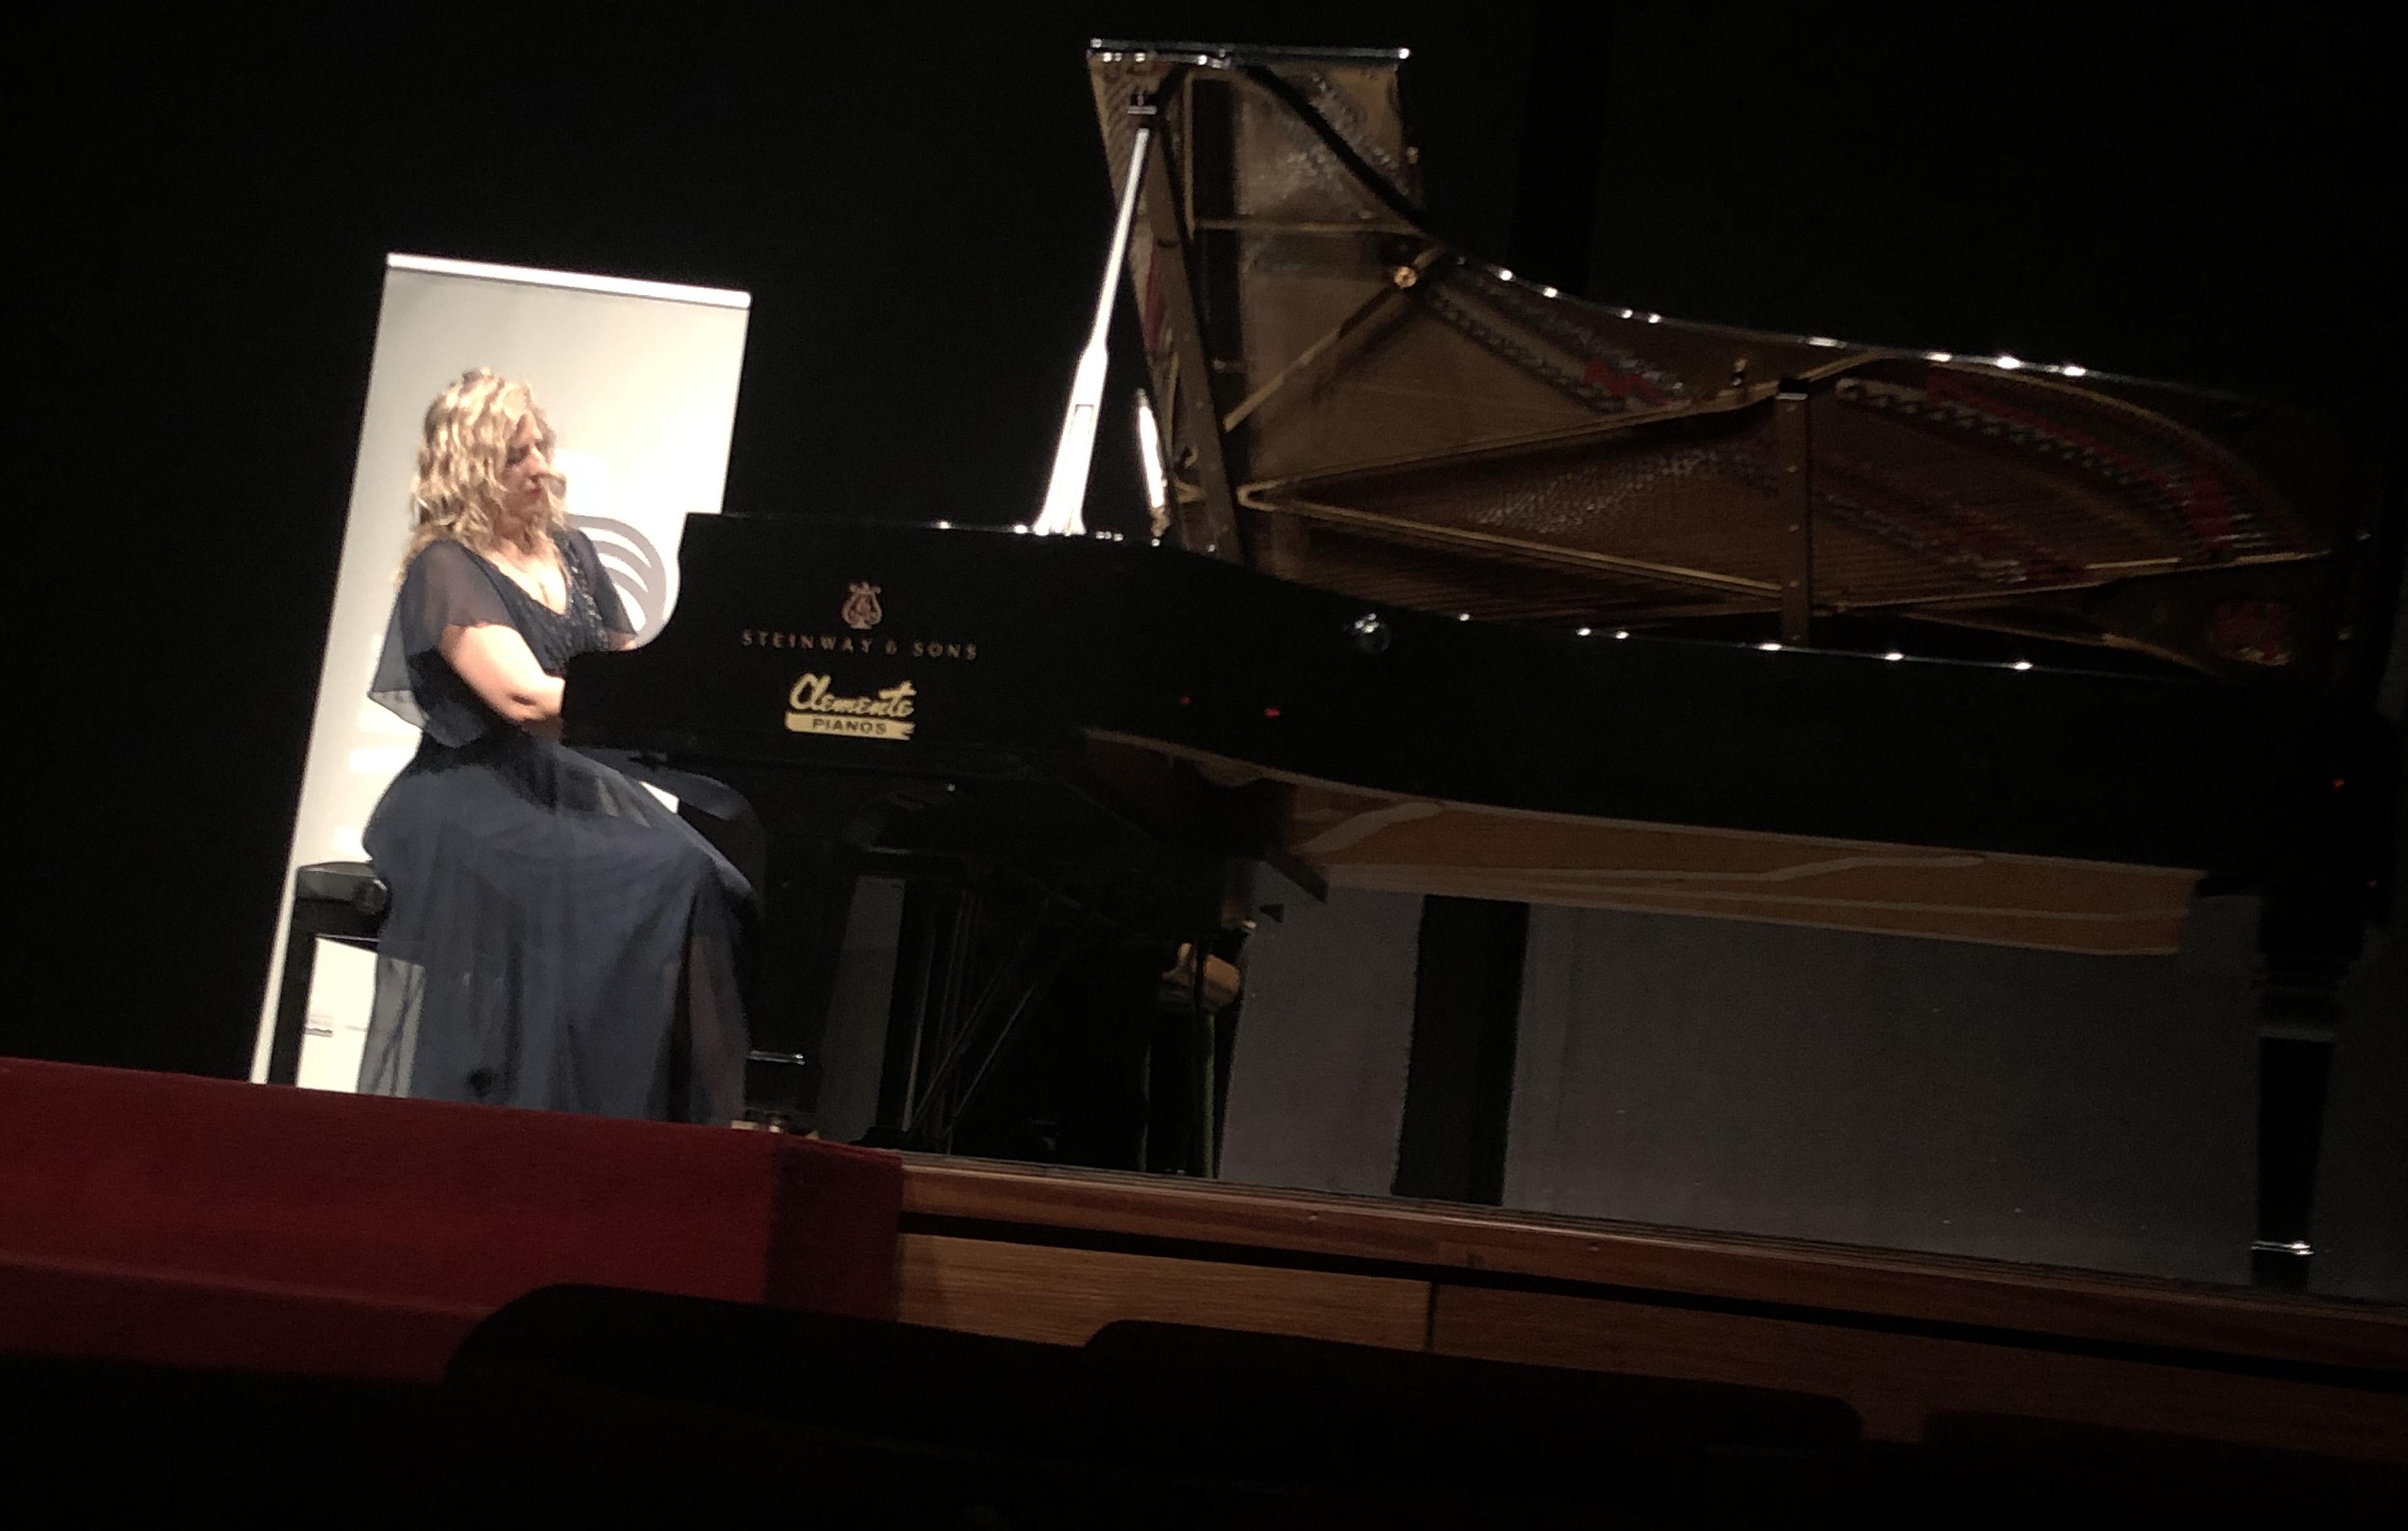 La programación de conciertos se inició en el Tac de Catarroja con la pianista Mariana Gurkova y la asistencia de la diputada de Comarcalización, Dolors Gimeno.